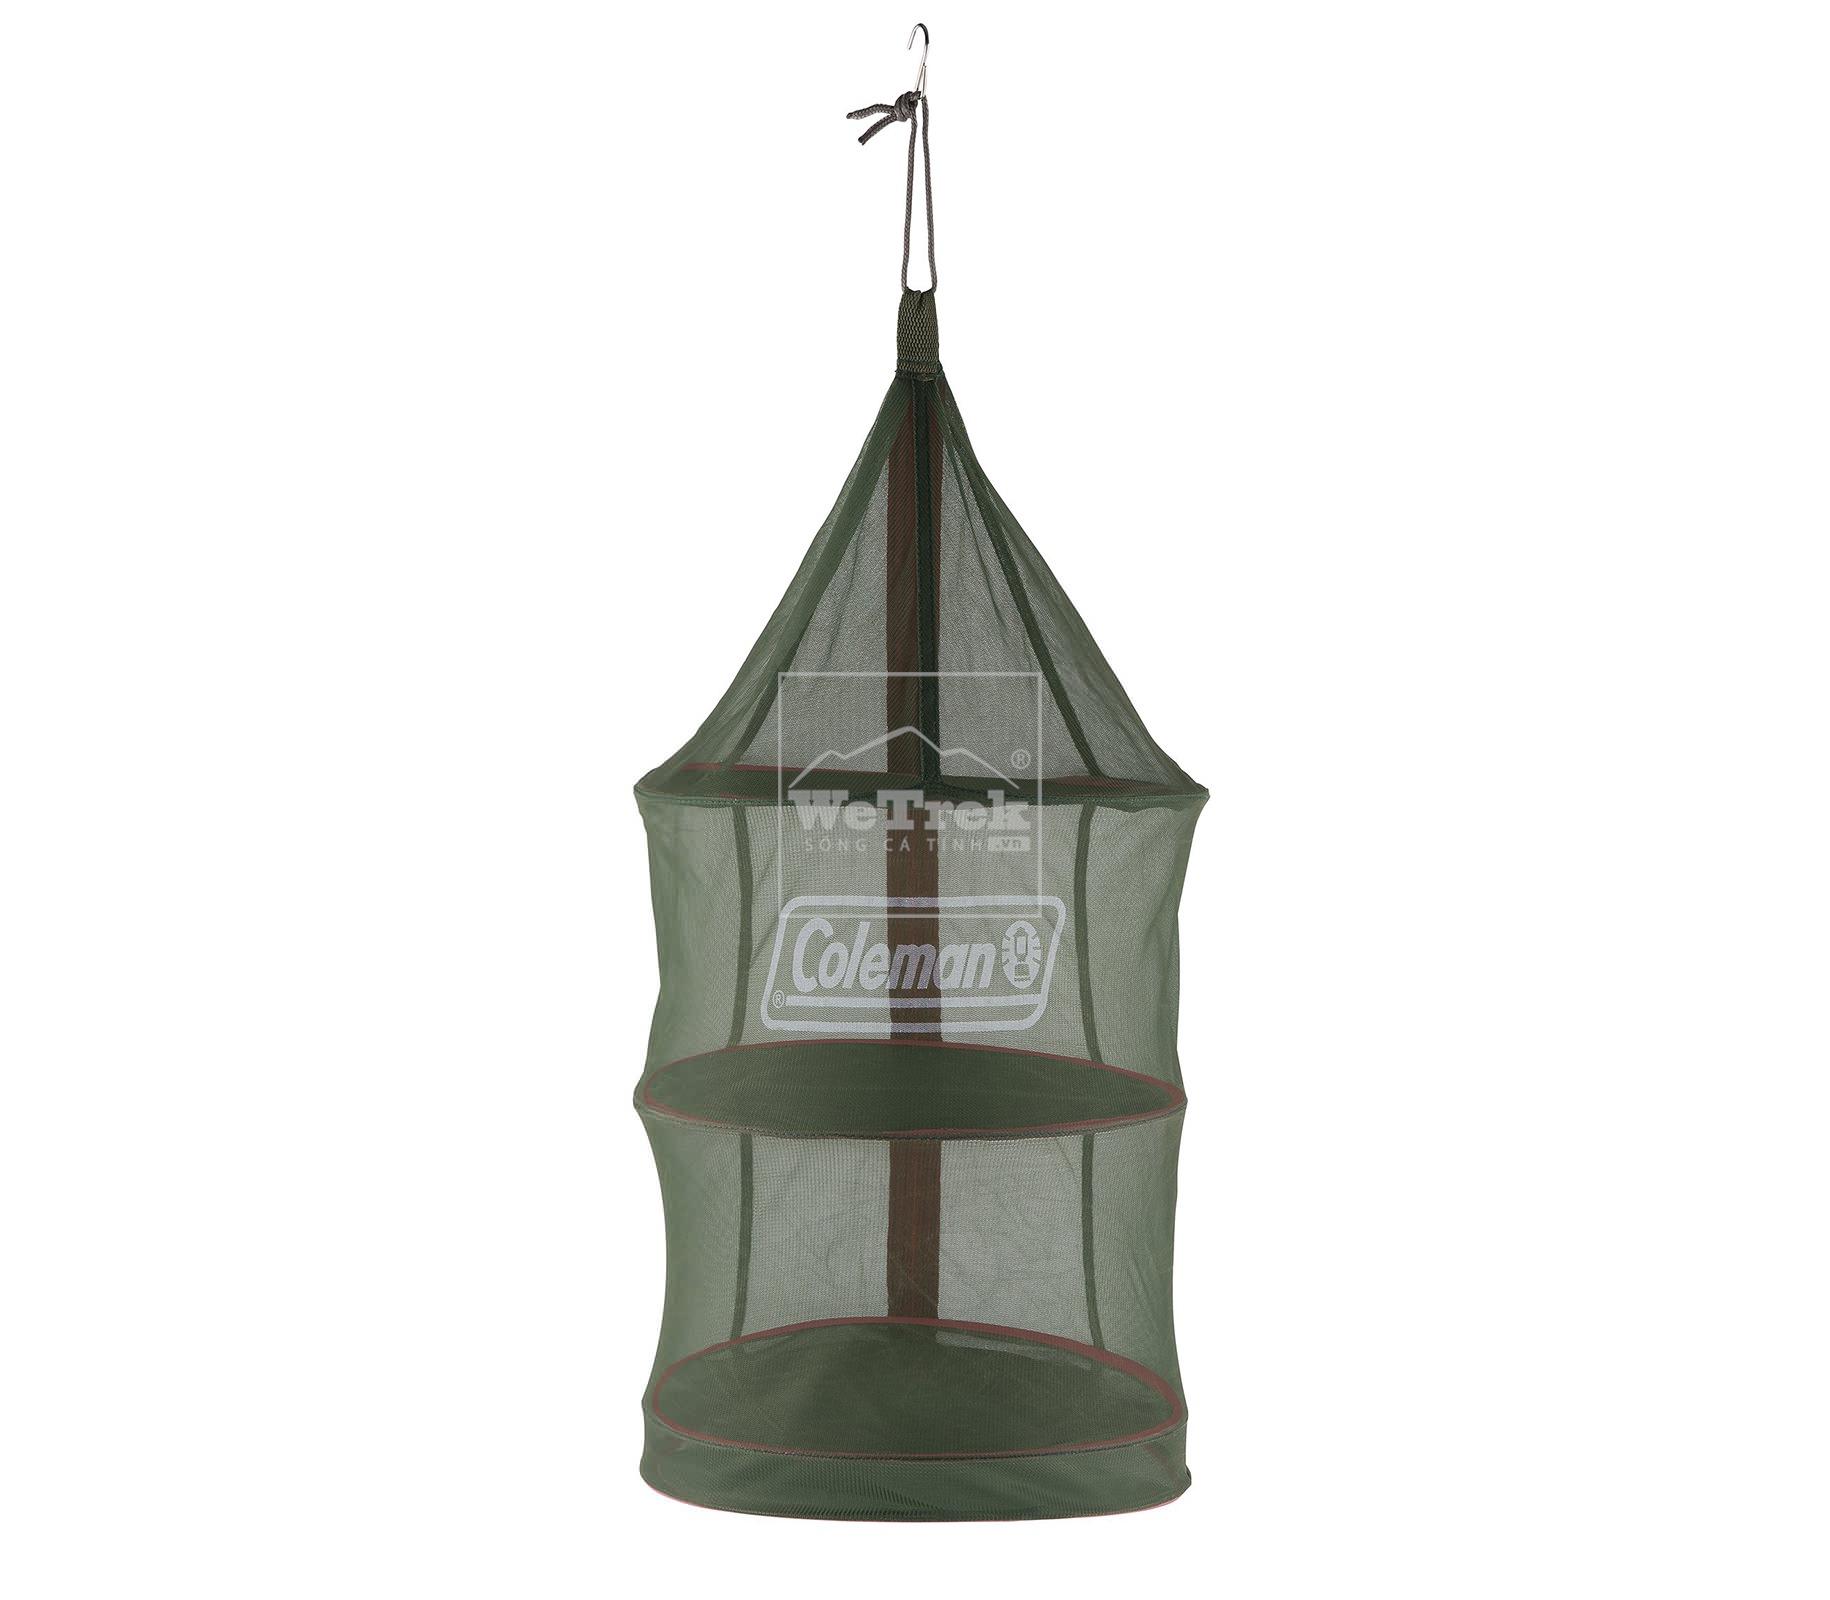 Giá treo đồ Coleman Hanging Dry Net II Green 2000026811 - 7479